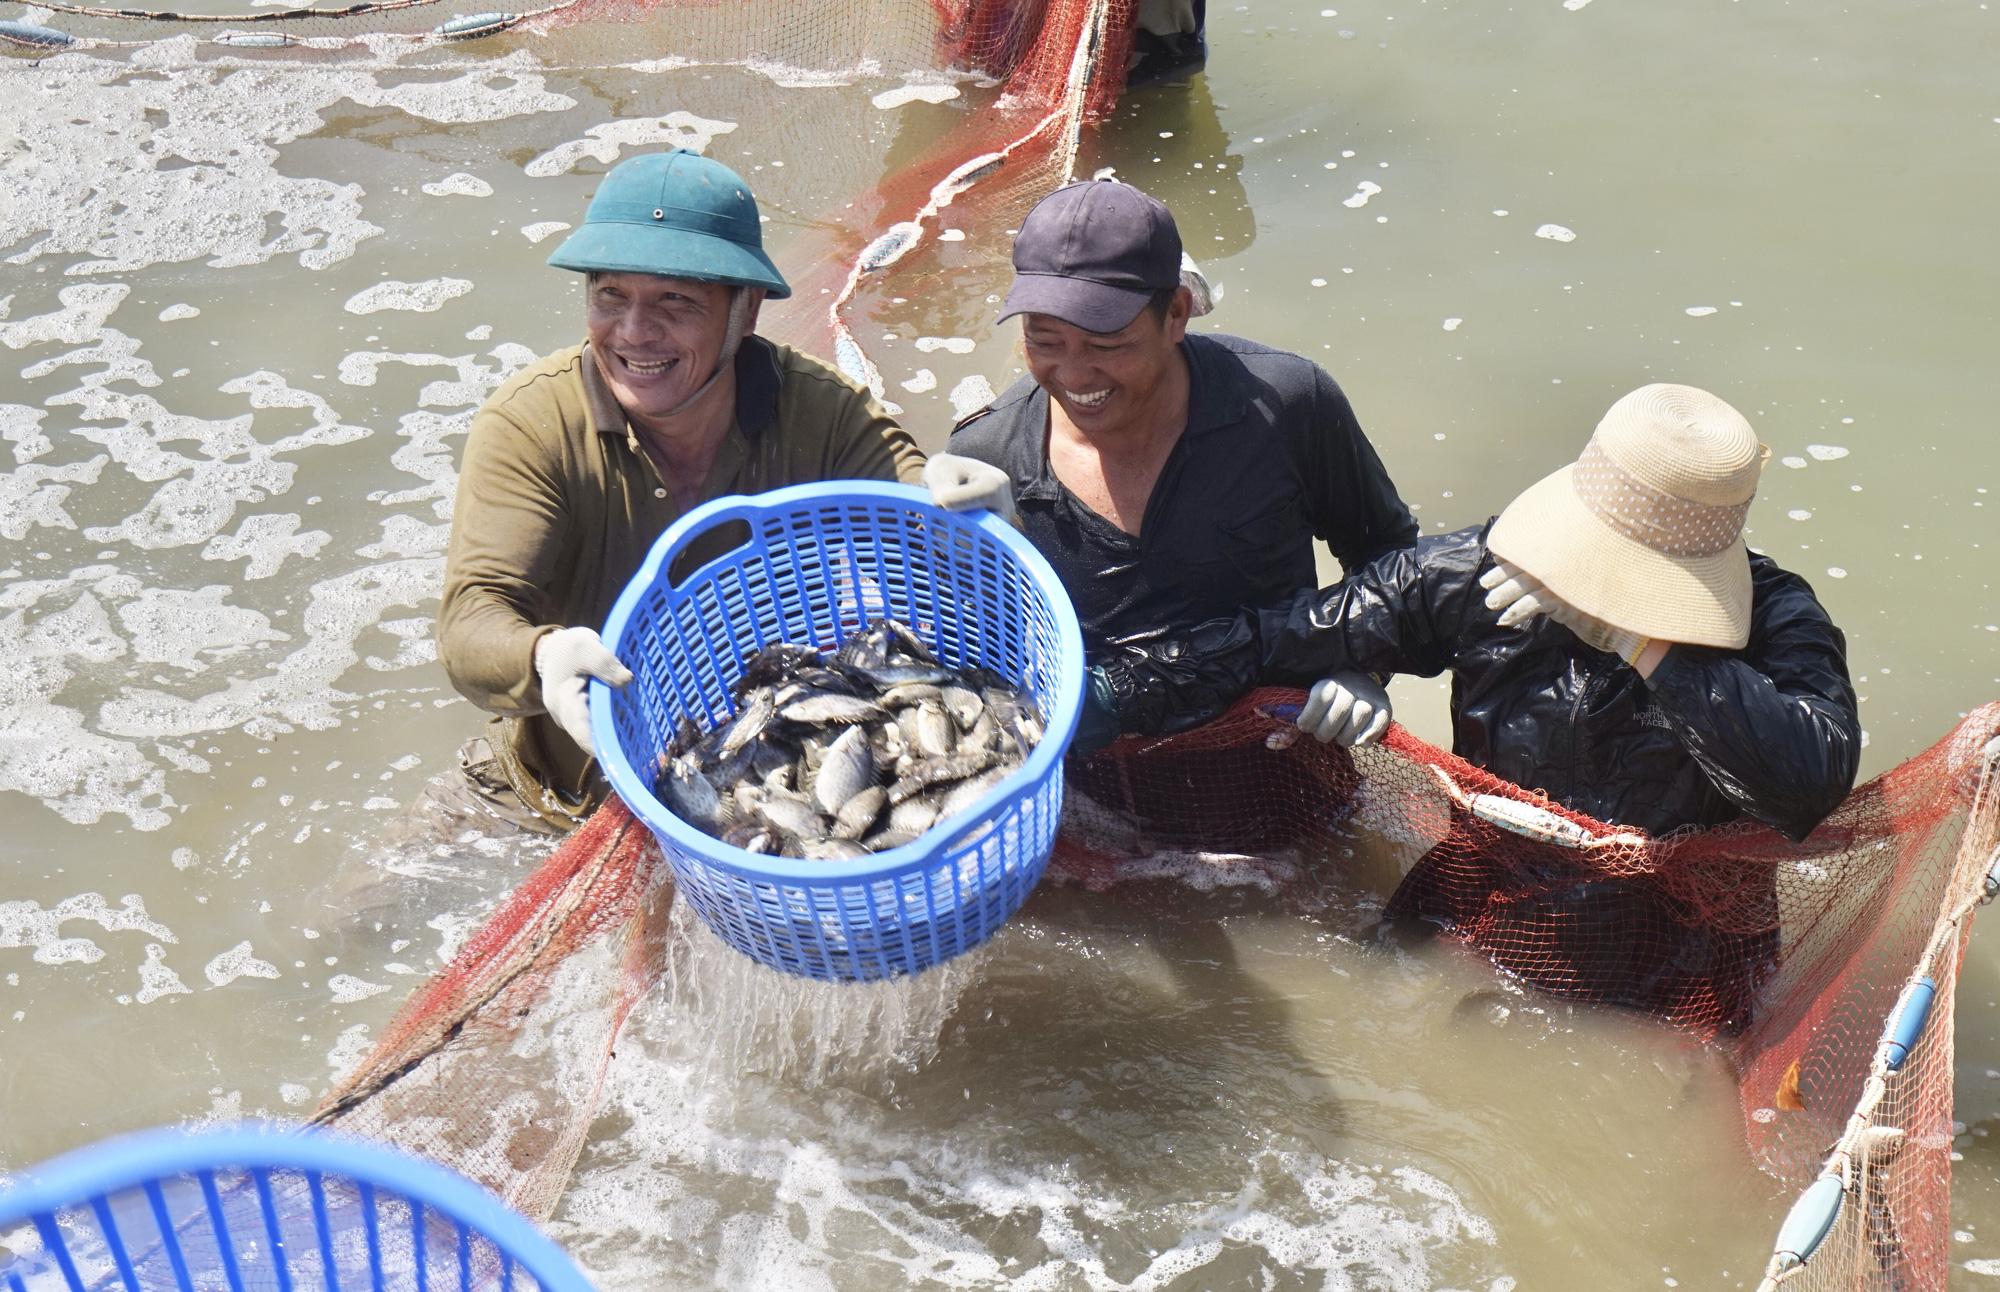 Đà Nẵng: Dấu ấn Hòa Vang sau 10 năm xây dựng nông thôn mới - Ảnh 5.